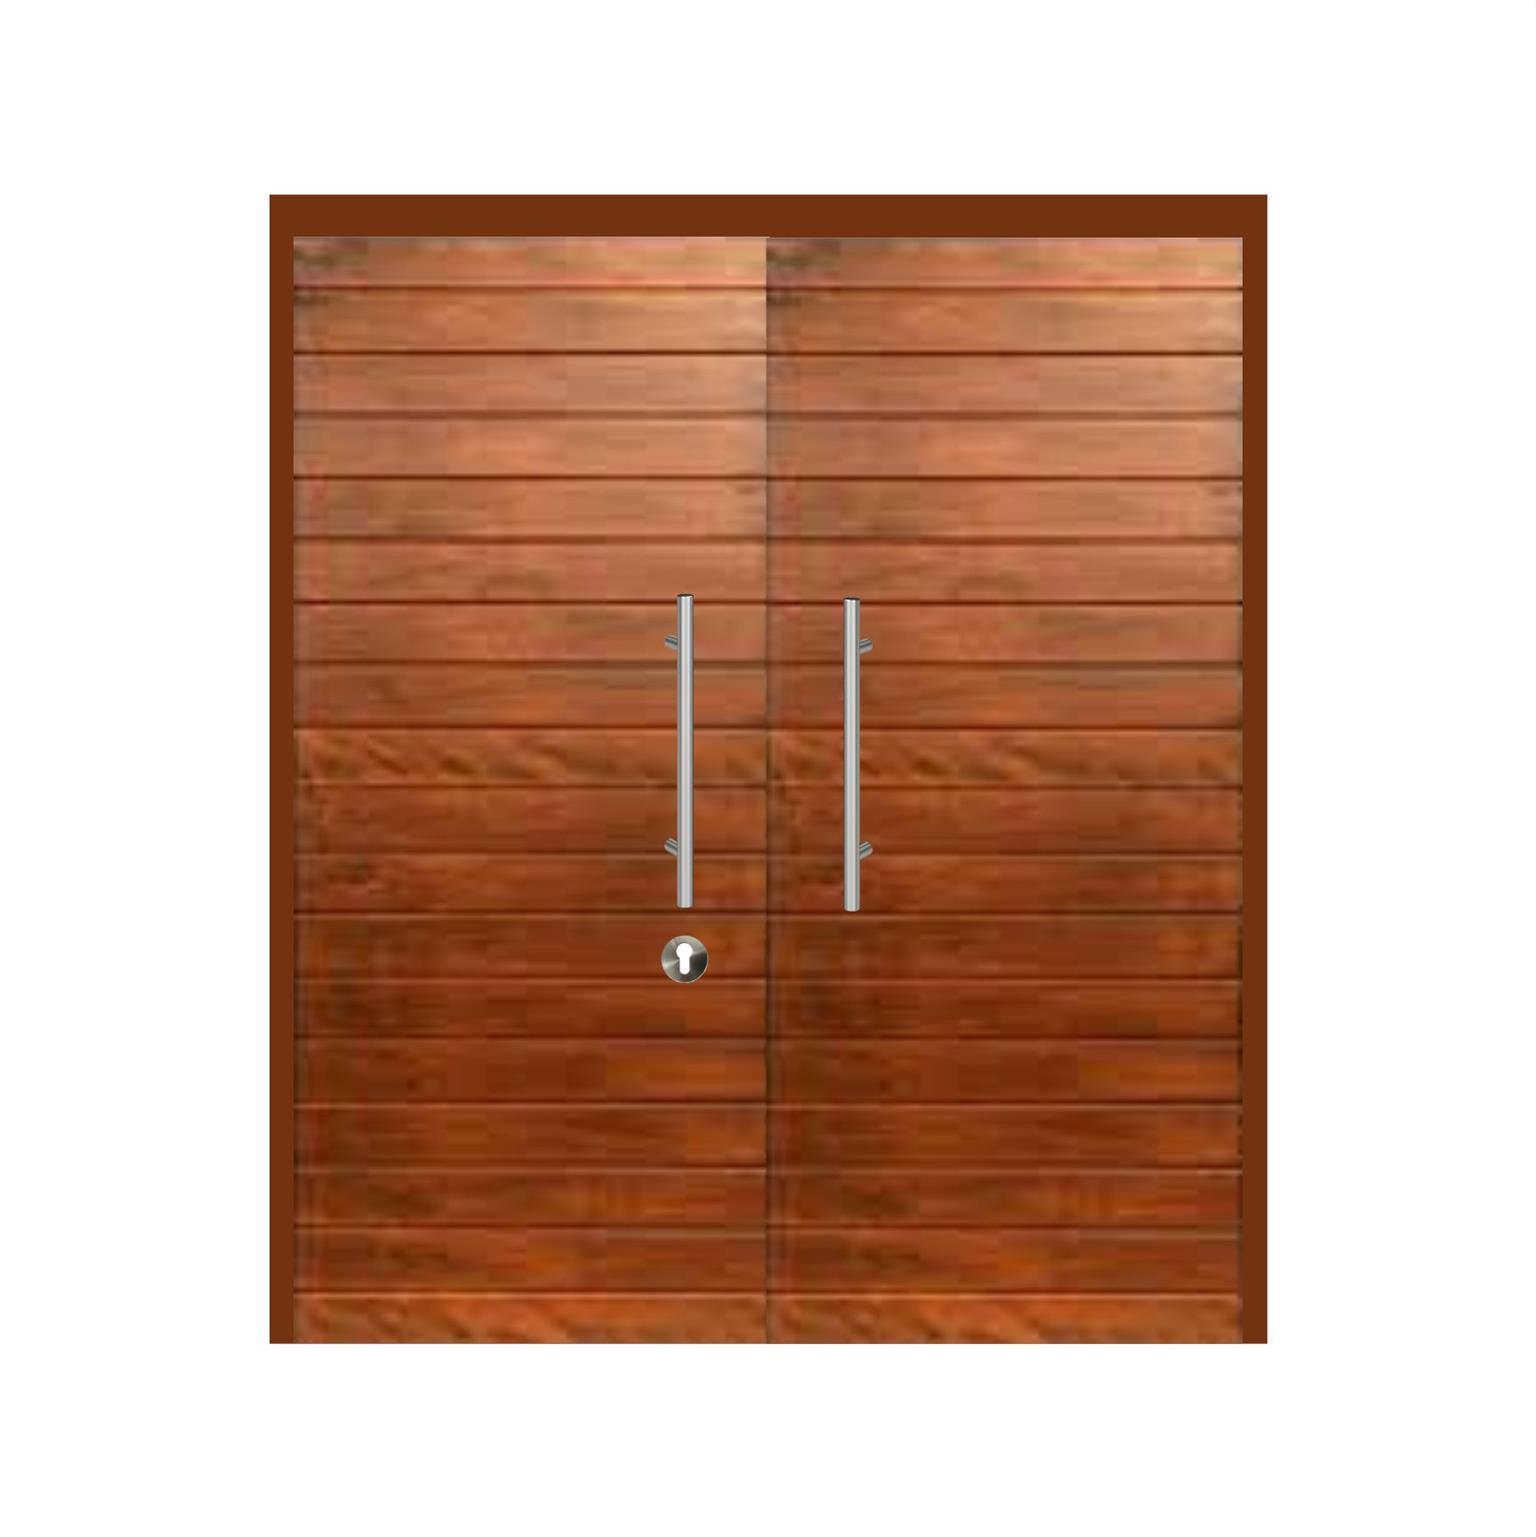 Horizontal Double Door, 1.2m and 1.5m